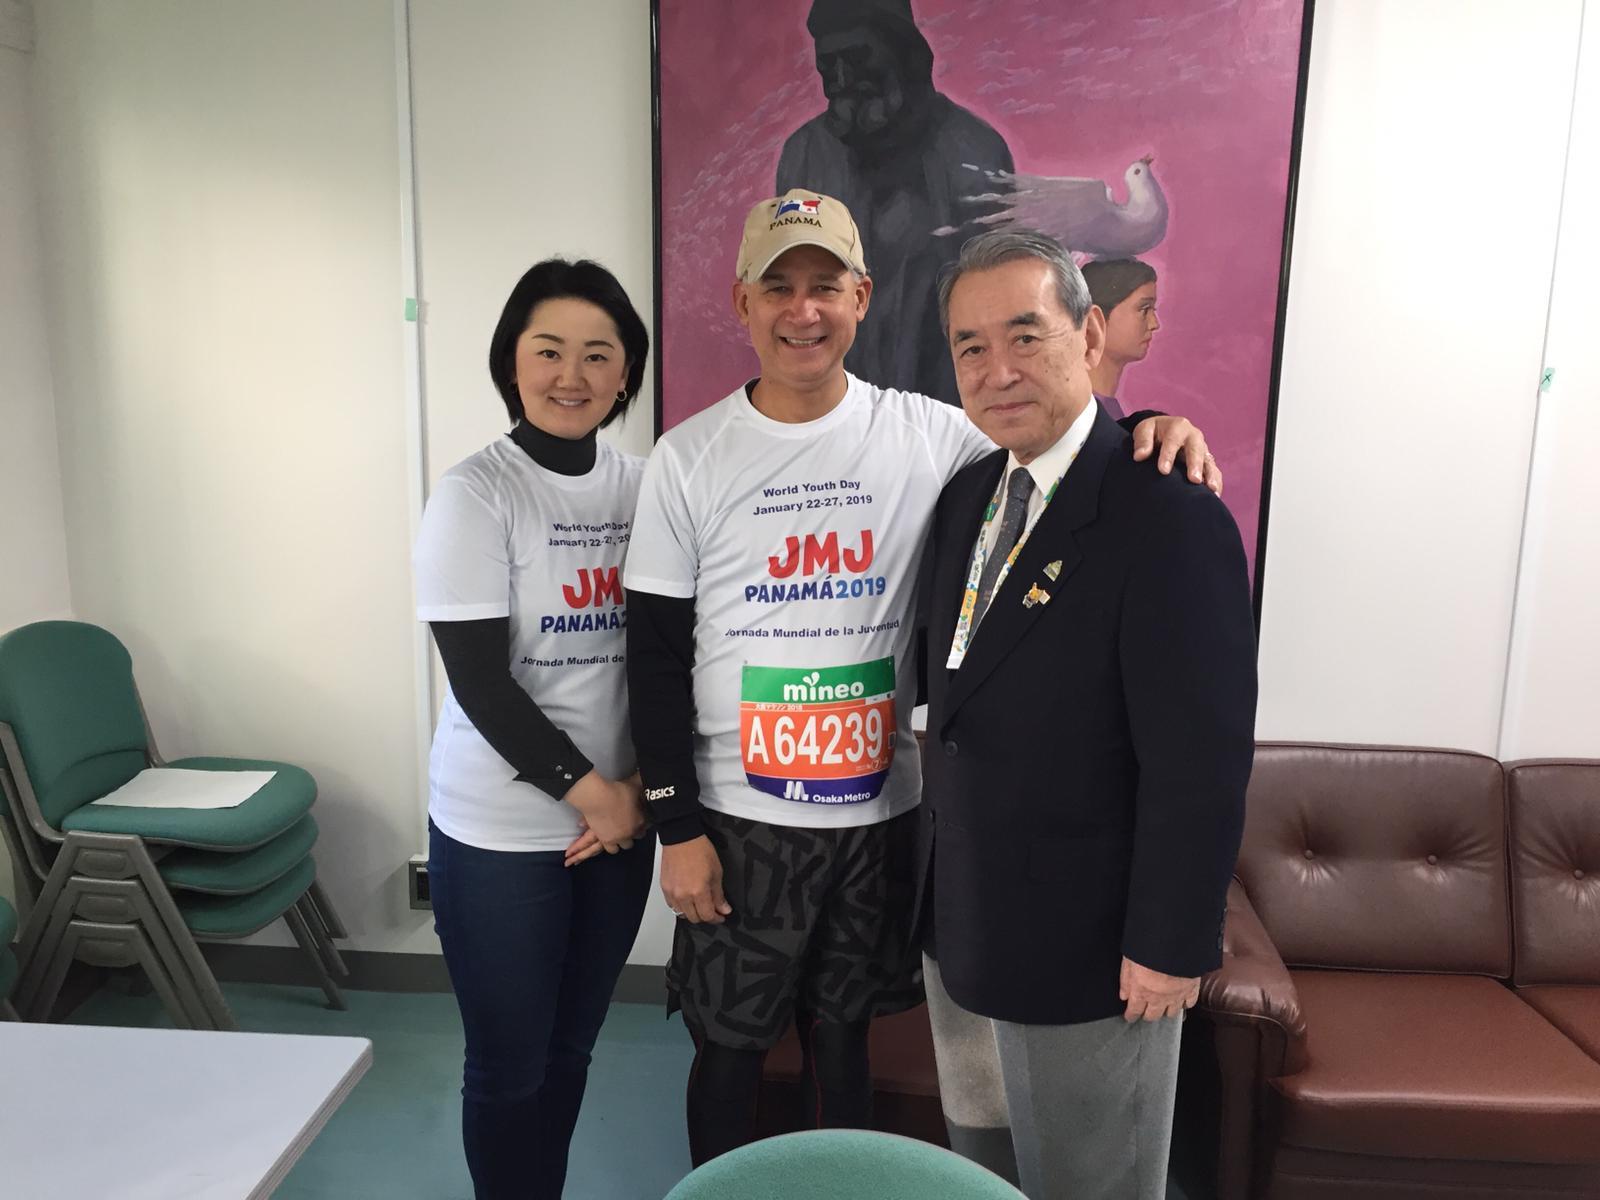 大阪マラソン事務局長とともに